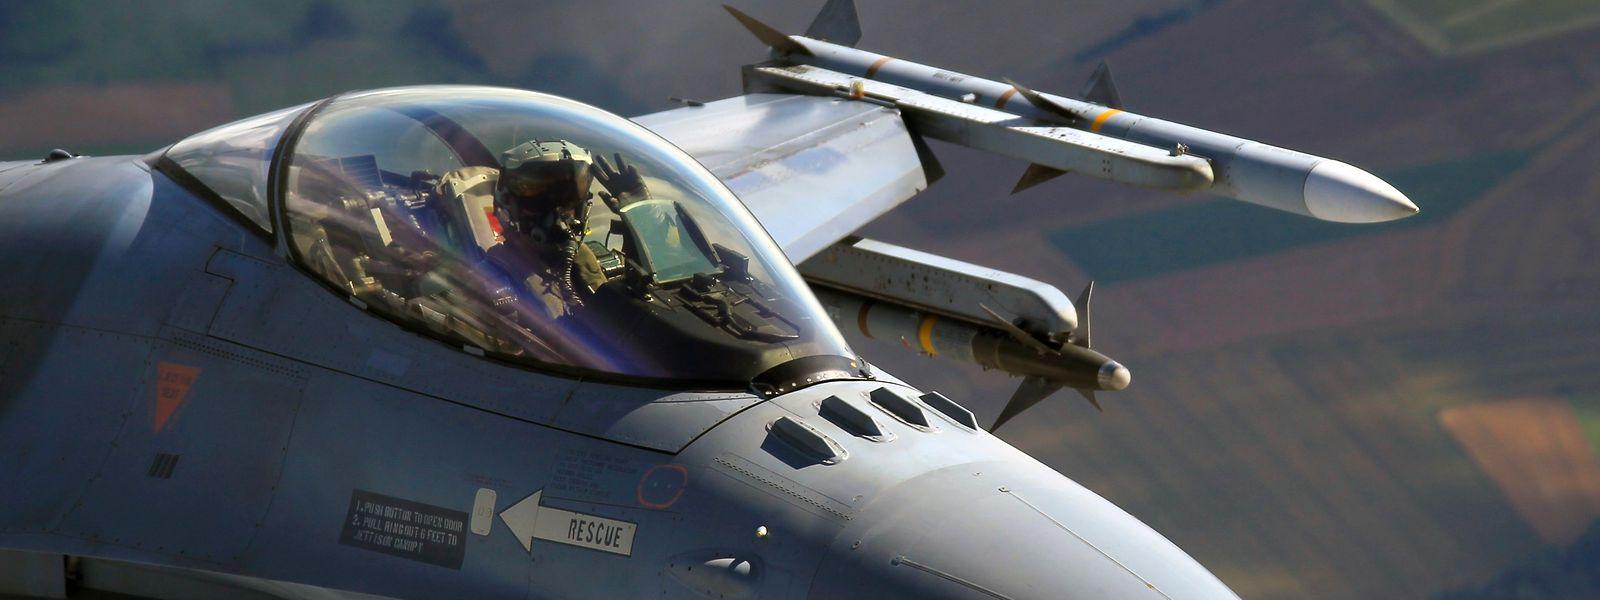 Die belgische Luftwaffe betreibt rund 60 Kampfjets des Typs F-16.